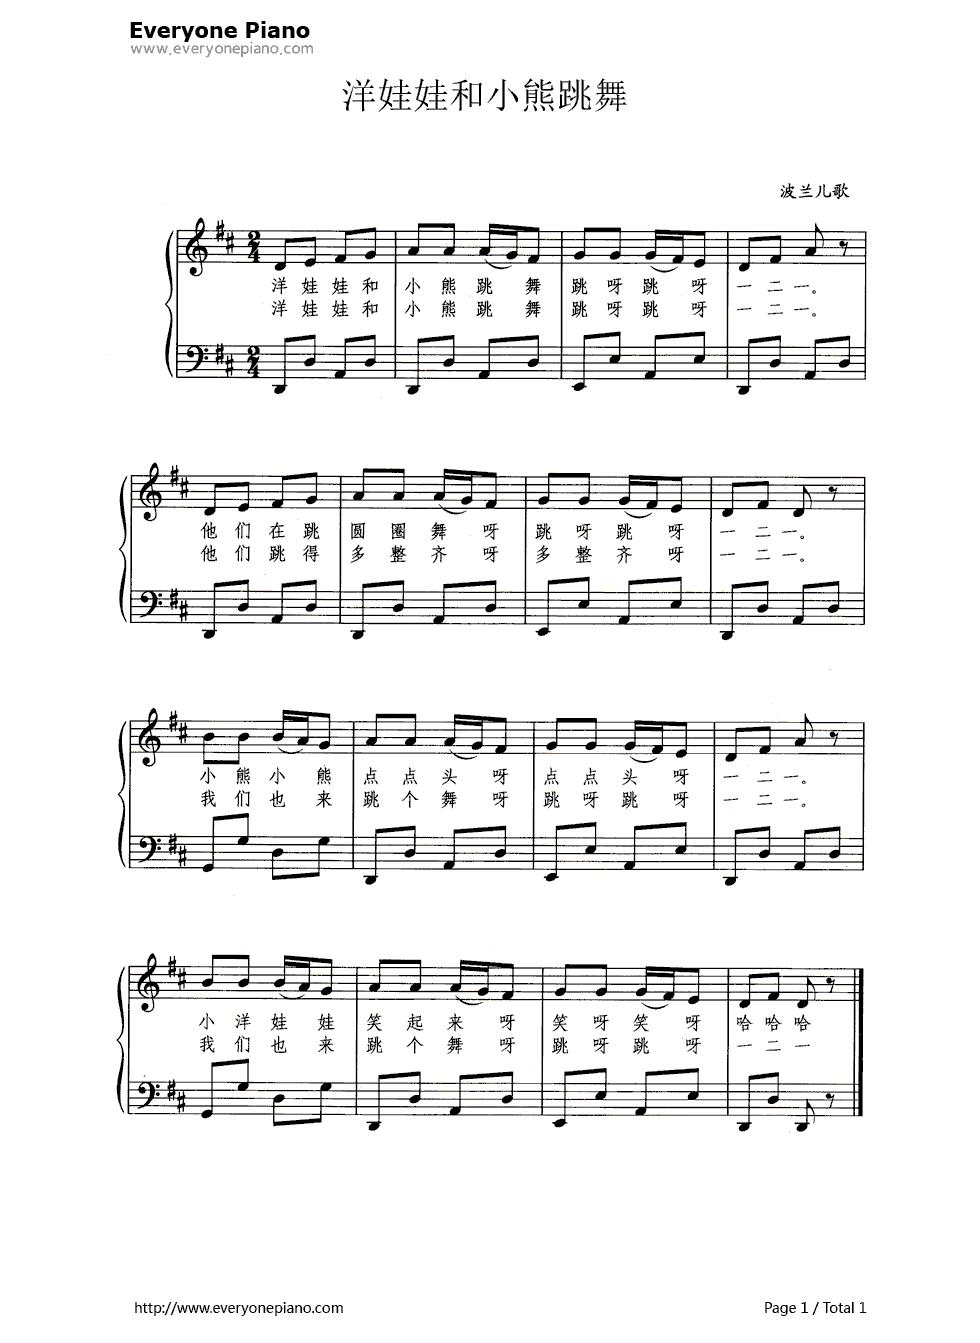 洋娃娃和小熊跳舞五线谱预览1-钢琴谱(五线谱,双手)